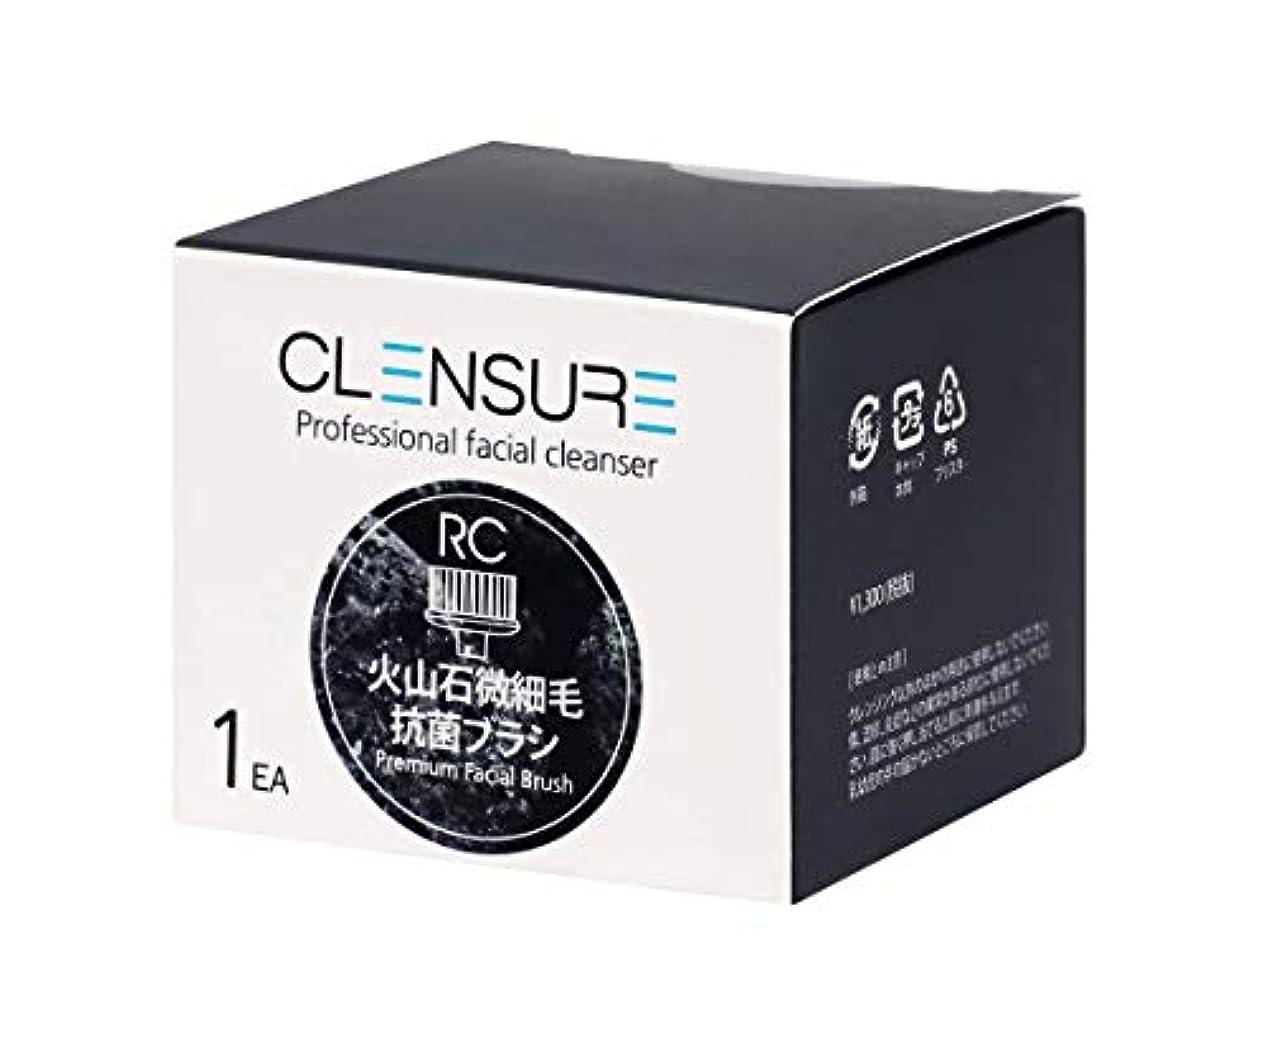 機転ビジュアル半導体CLENSURE(クレンシュア)フェイシャルクレンザーRC 交換用ブラシ